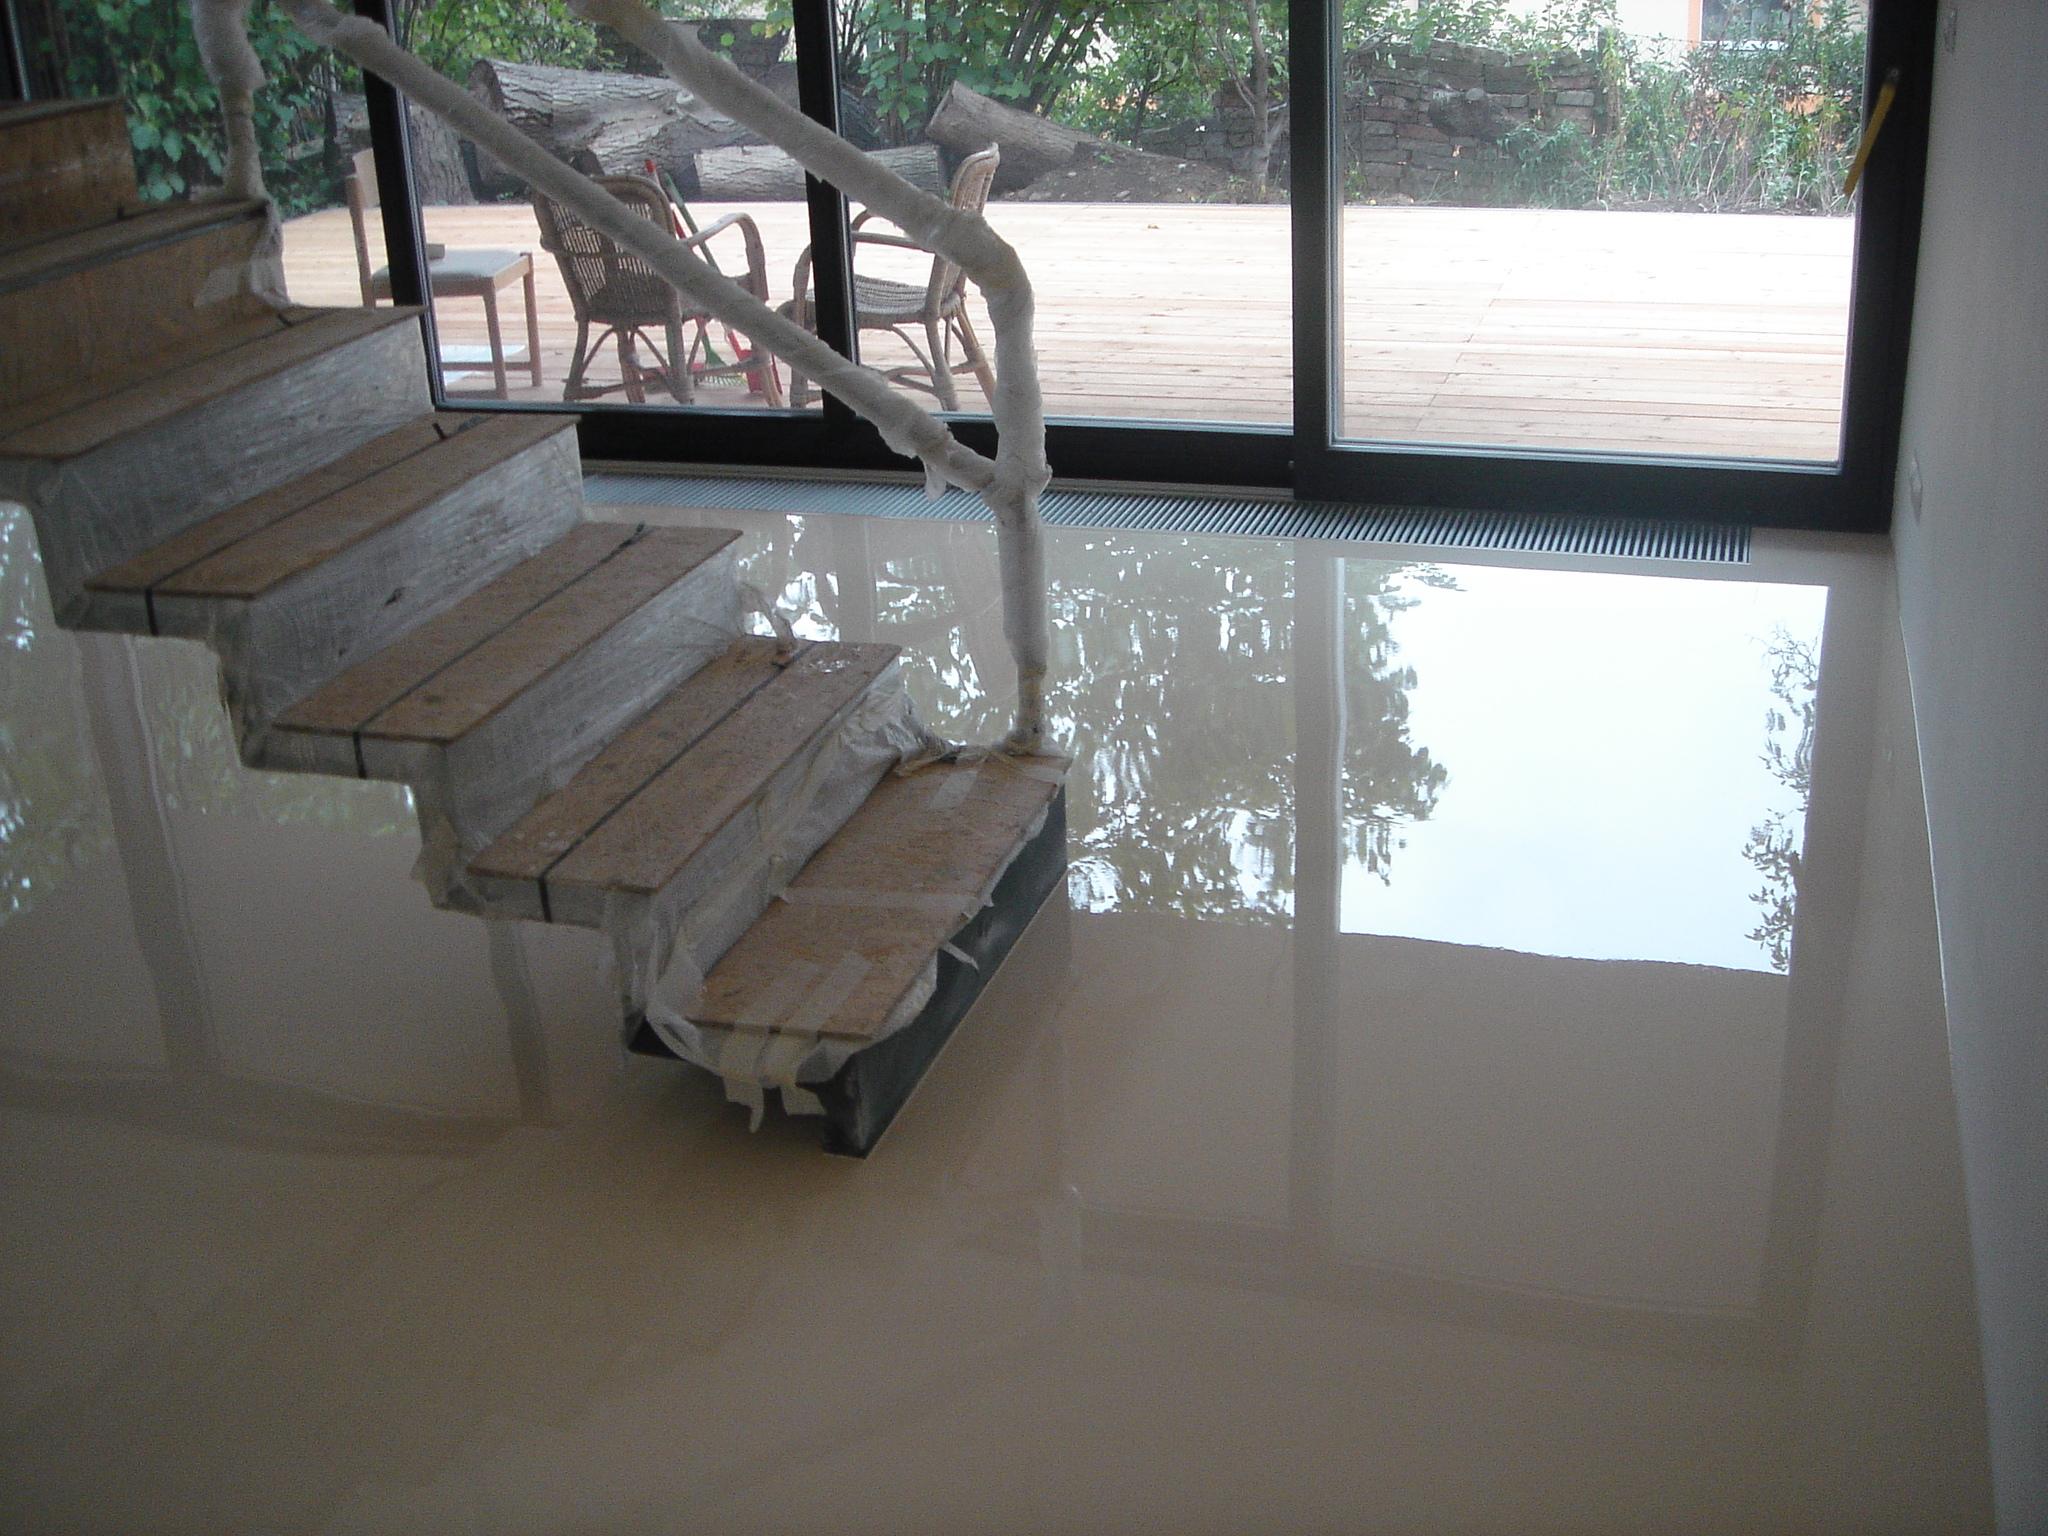 Rodinný dům - litá epoxidová podlaha